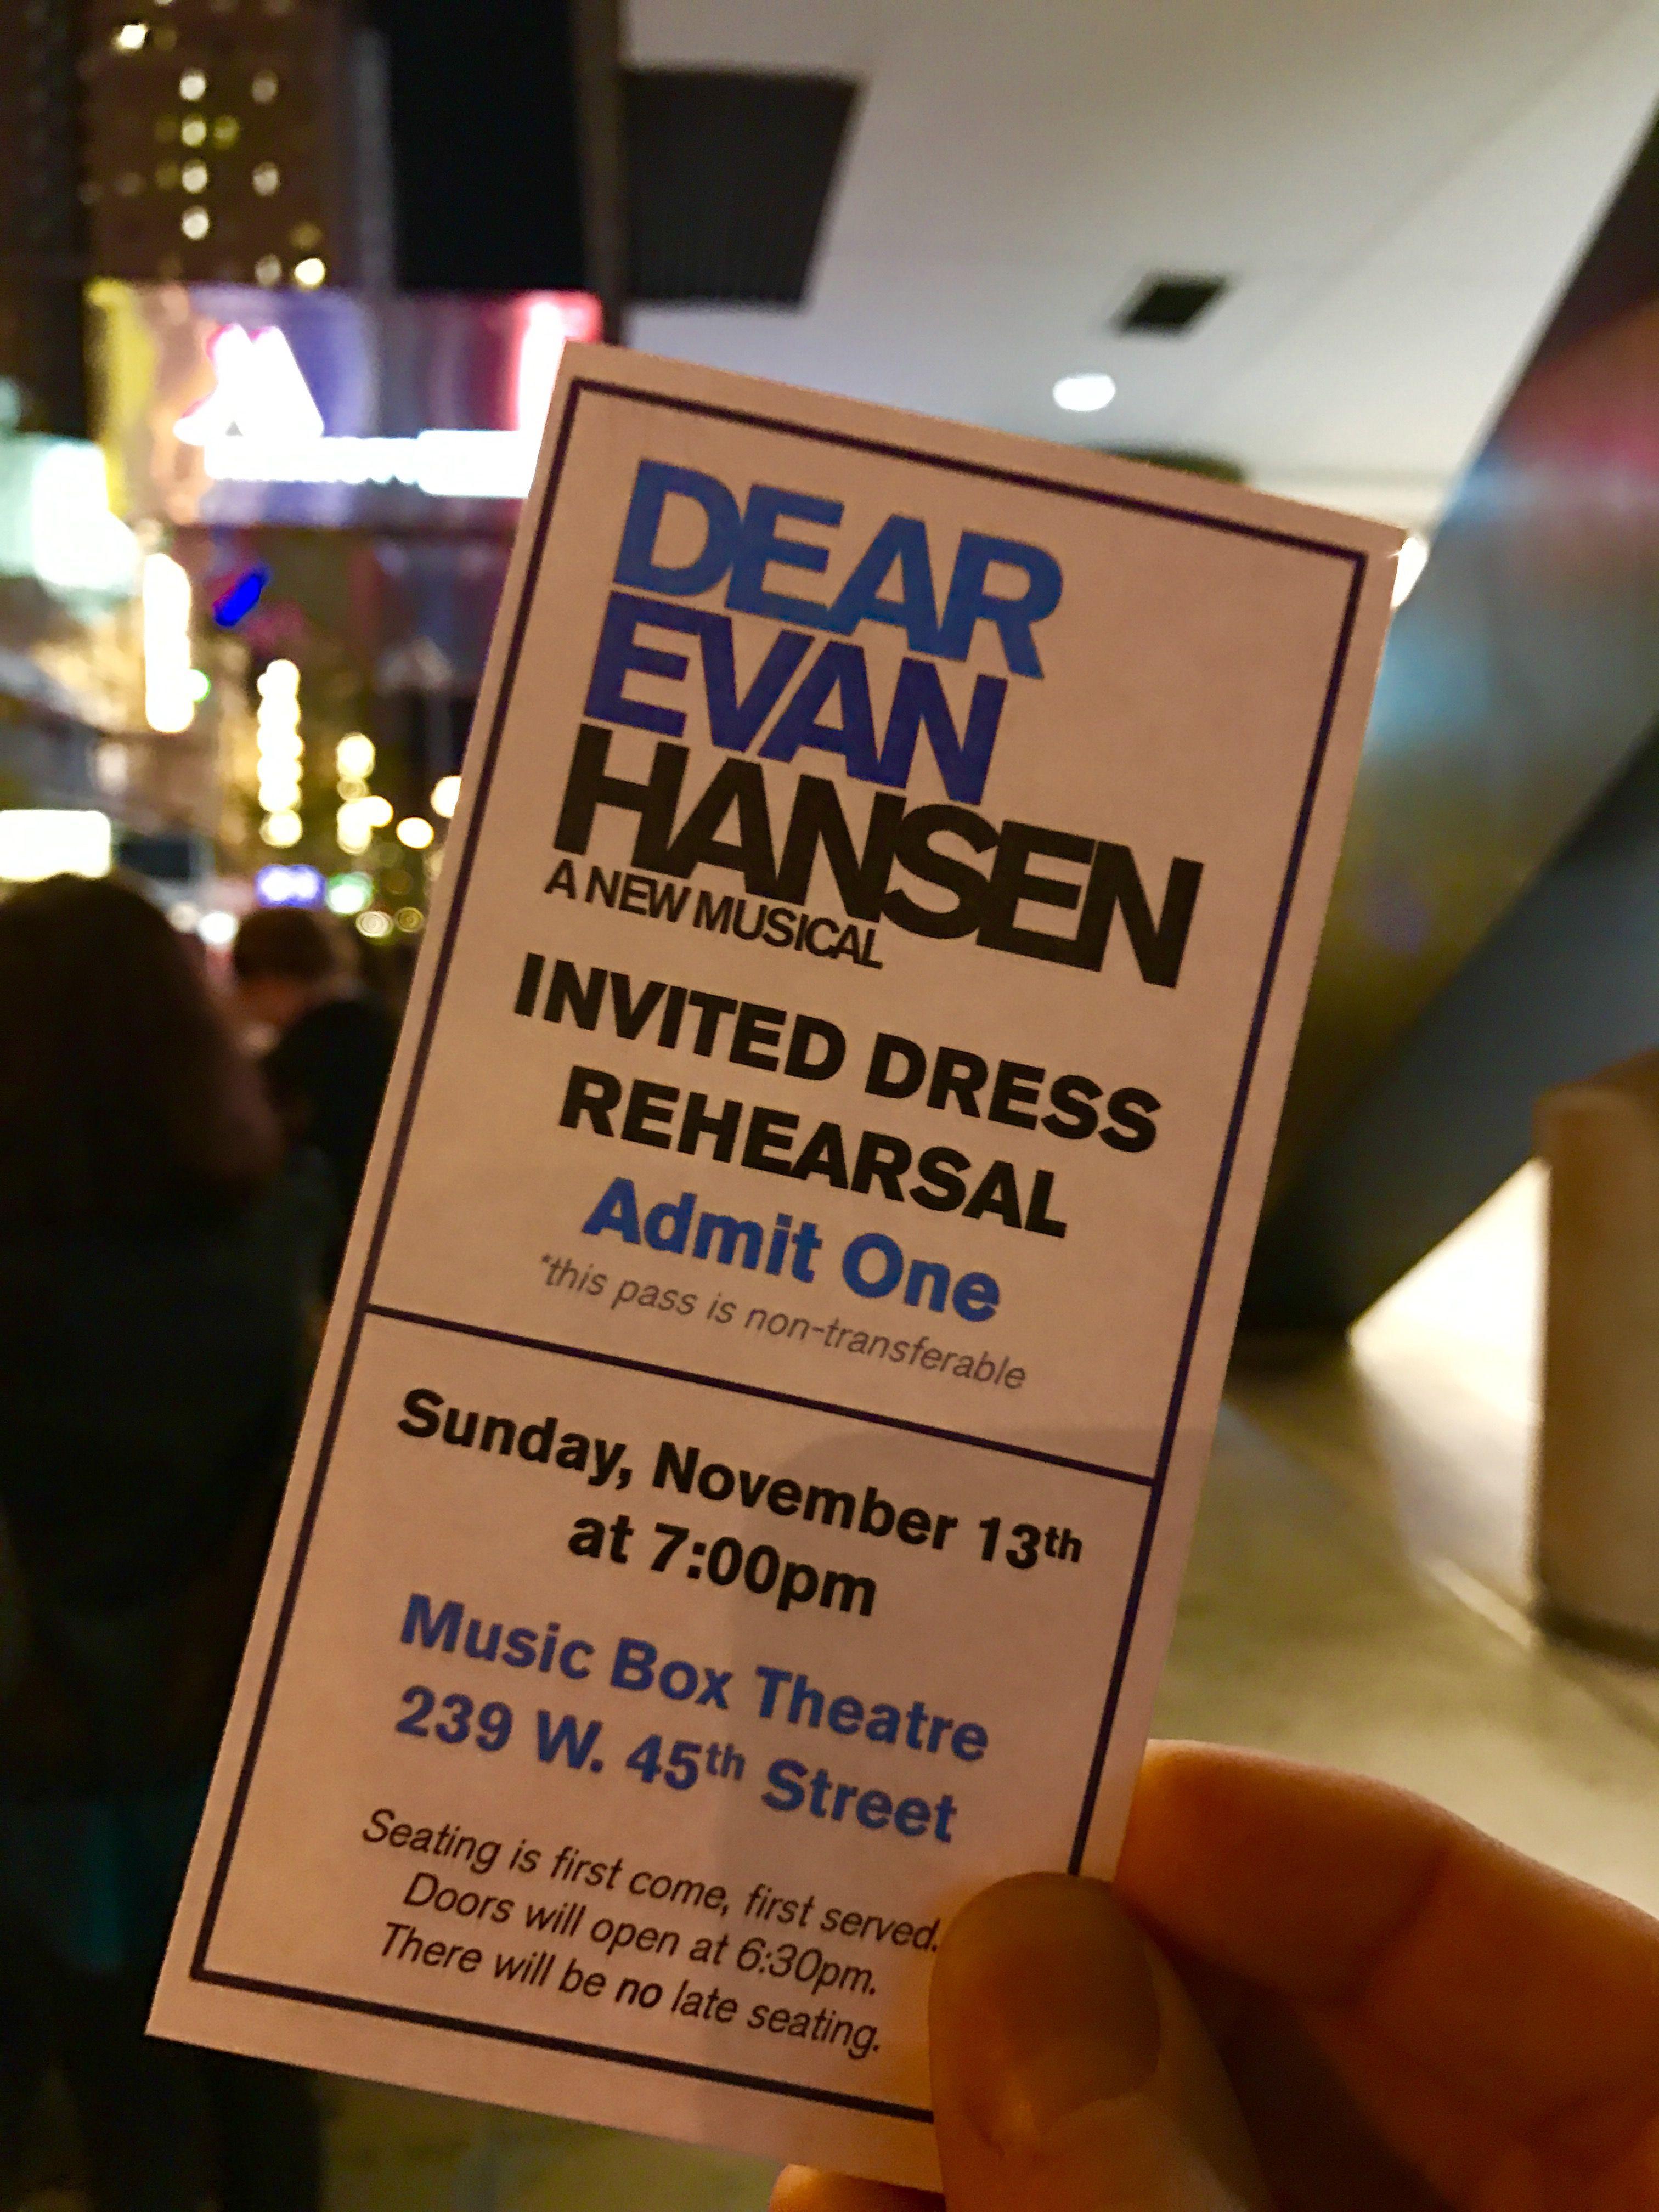 DEAR EVAN HANSEN final dress on Broadway at the Music Box